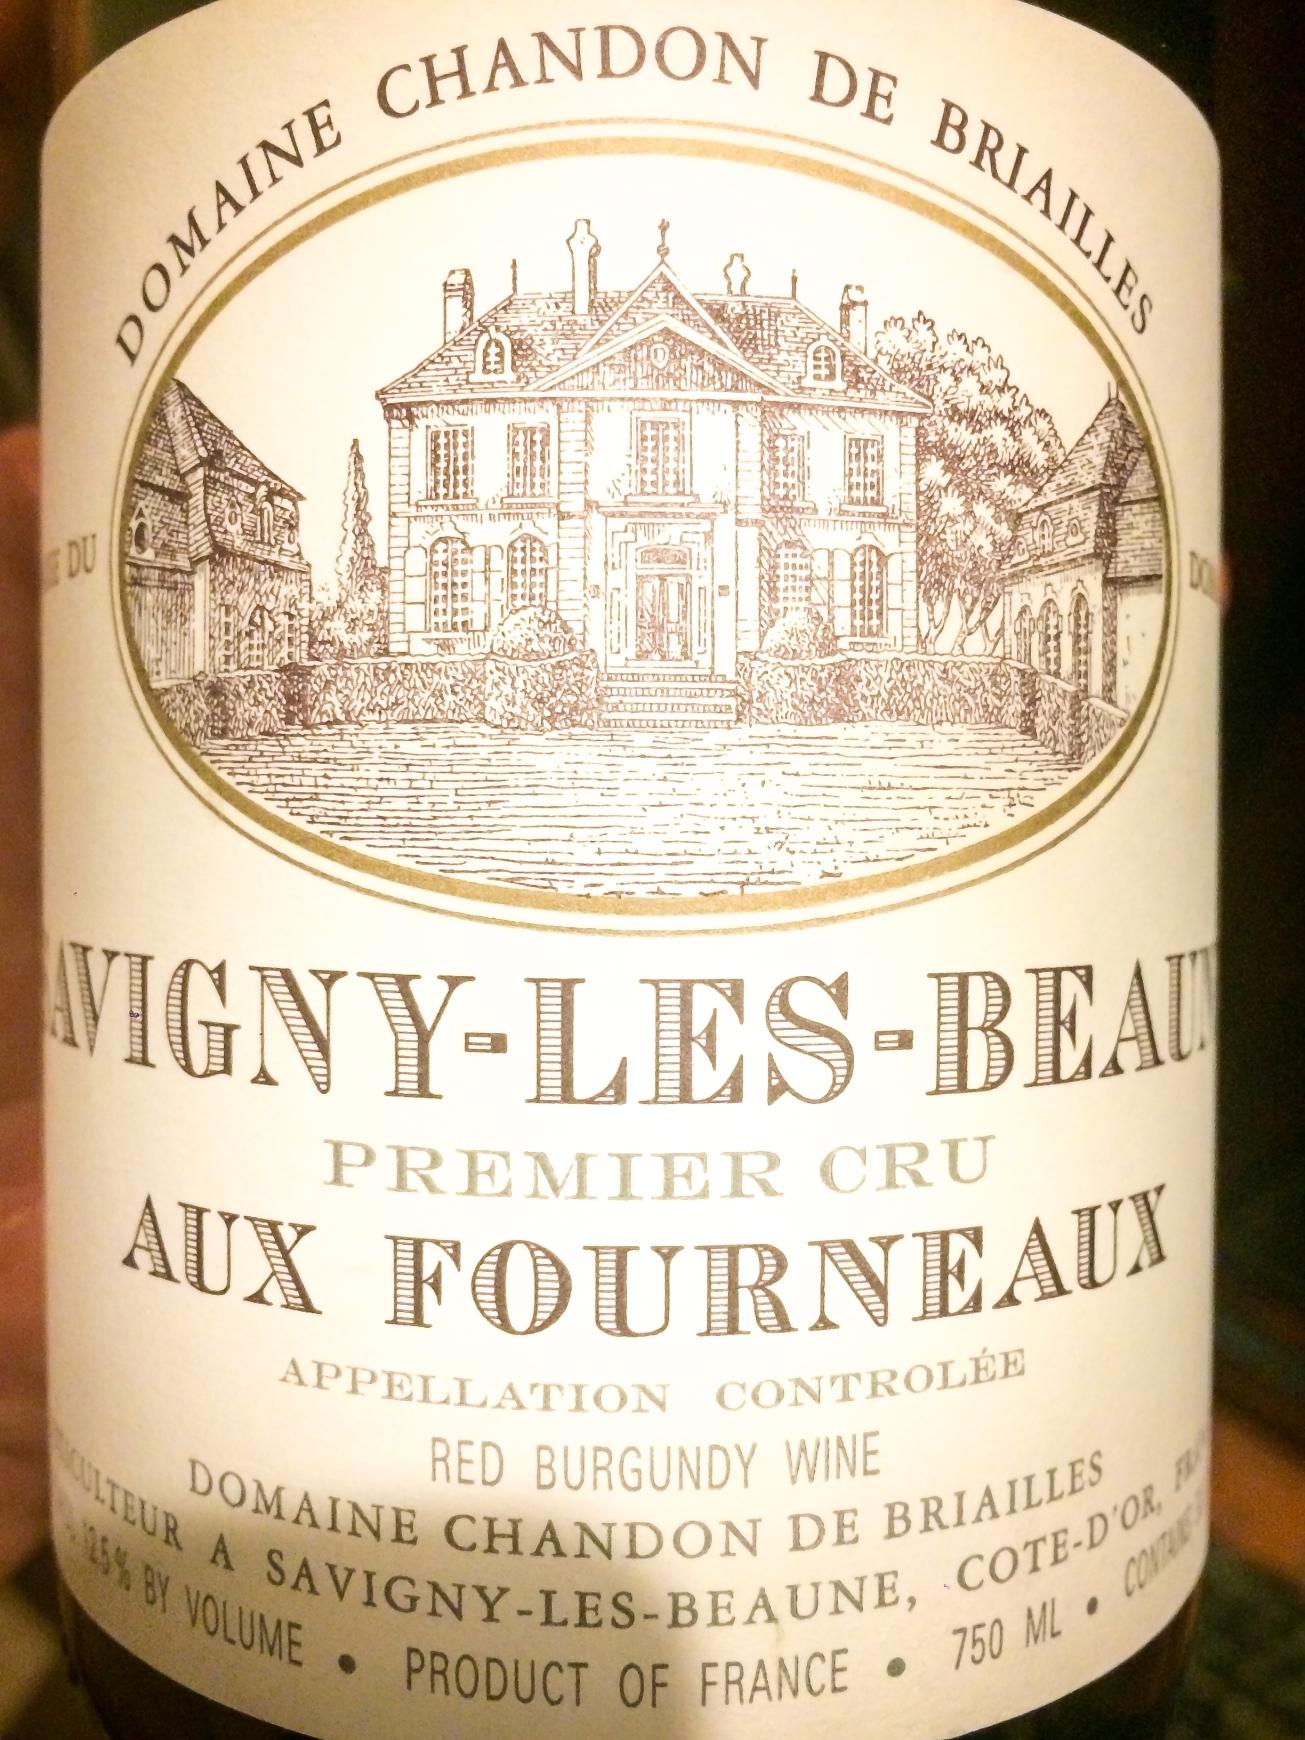 2005 Domaine Chandon de Briailles Savigny-lès-Beaune 1er Cru Les Fourneaux